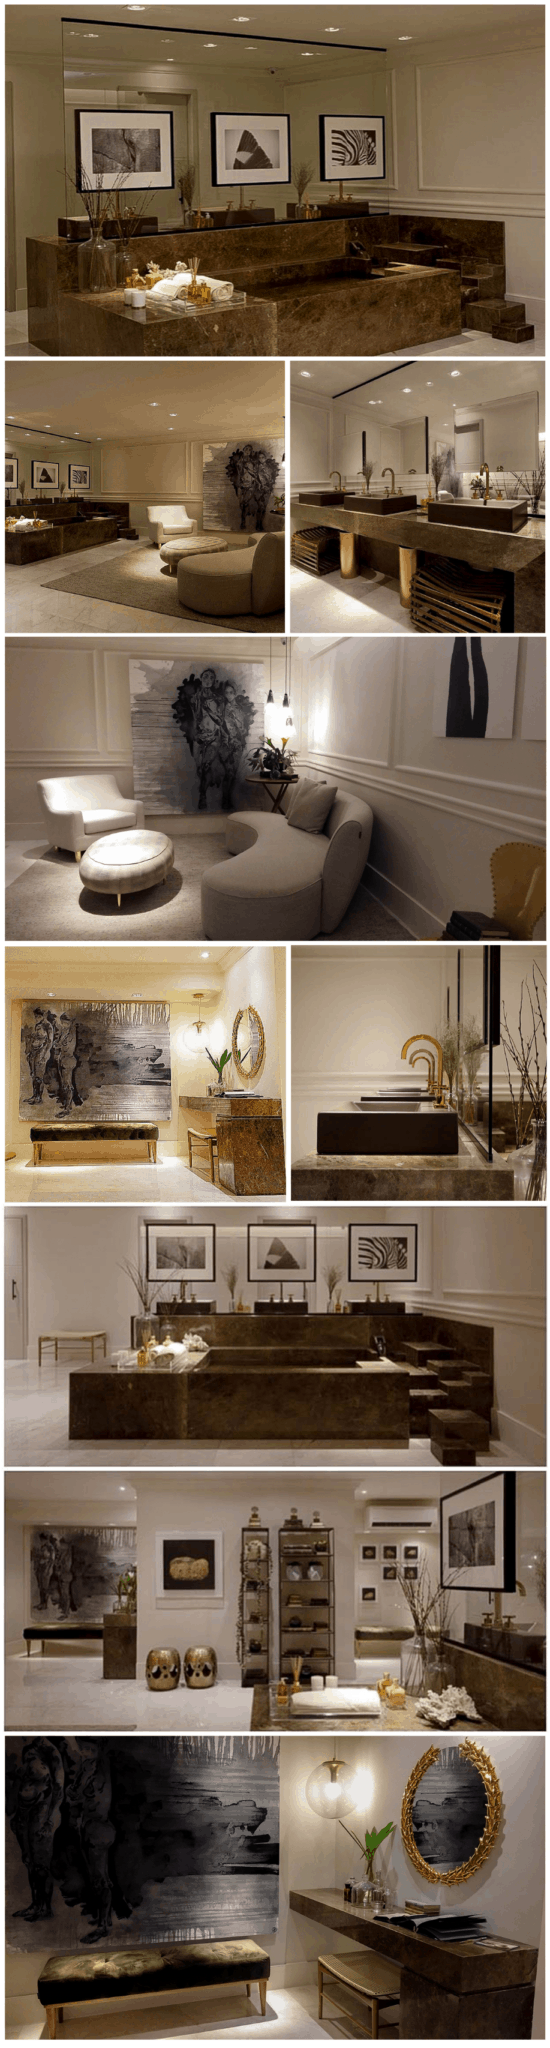 patricia-lounge-de-banho-casa-cor-decorar-com-charme